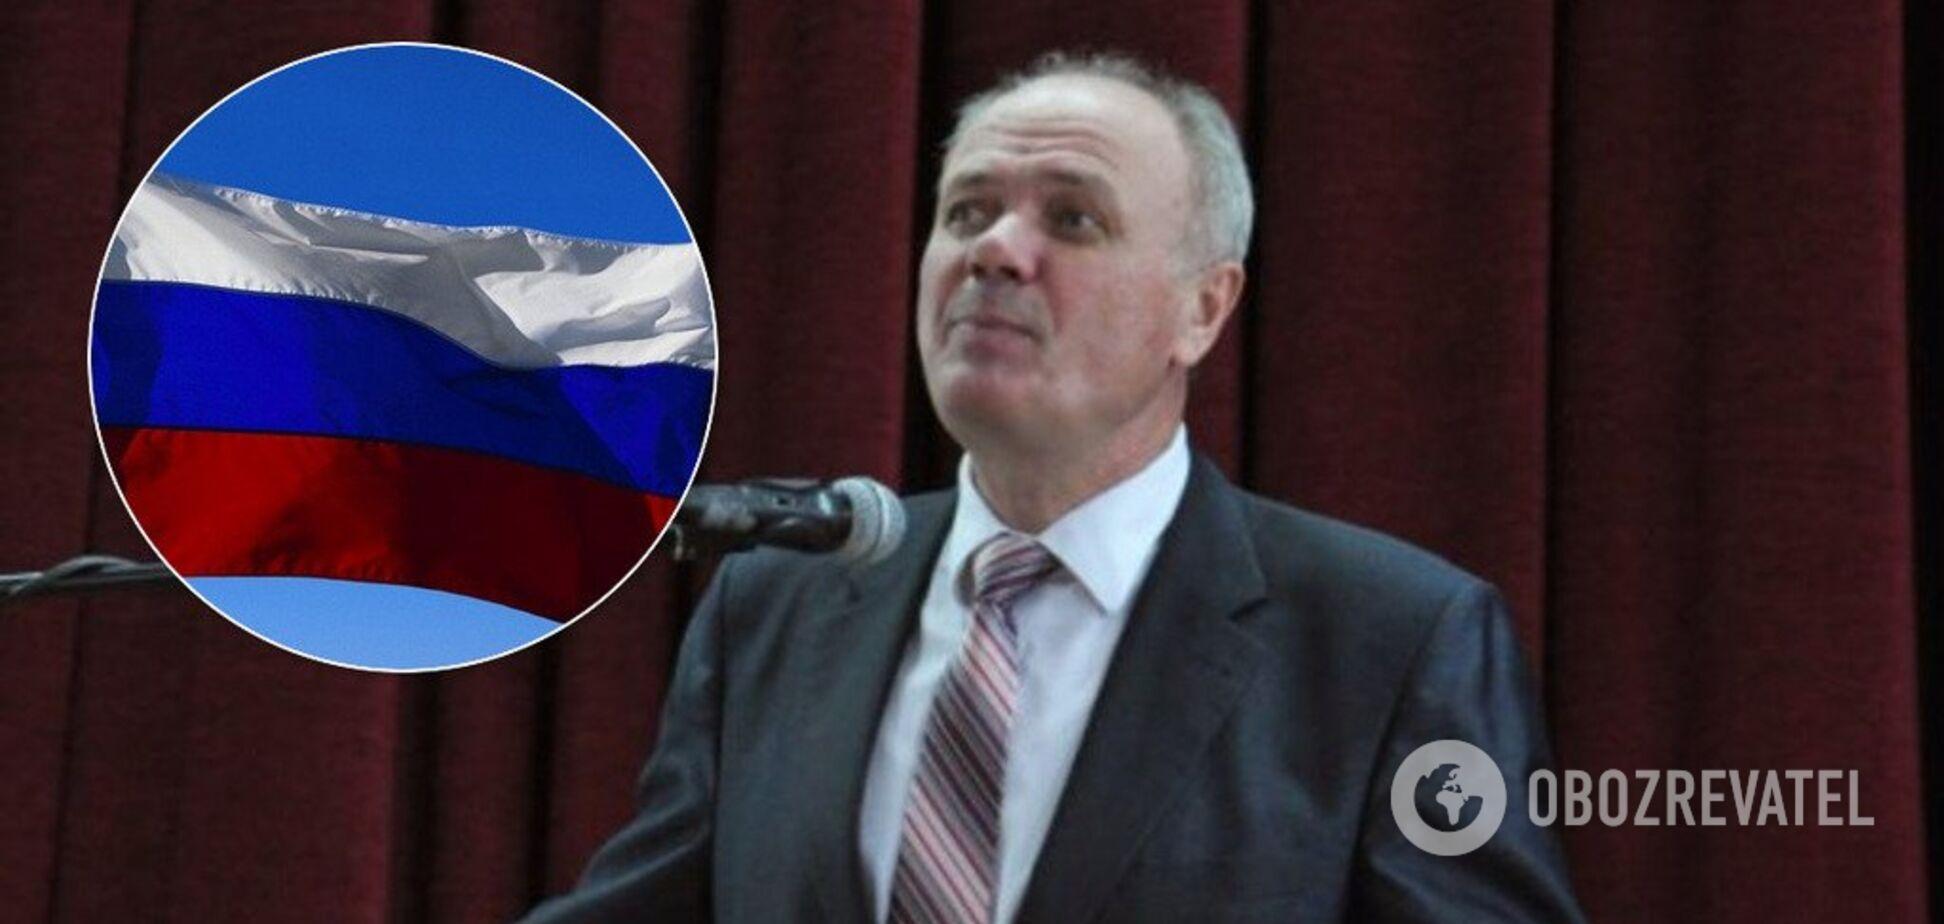 'Вас уже відмазепили?' Виступ ректора українського вишу потрапив у ефір росТБ